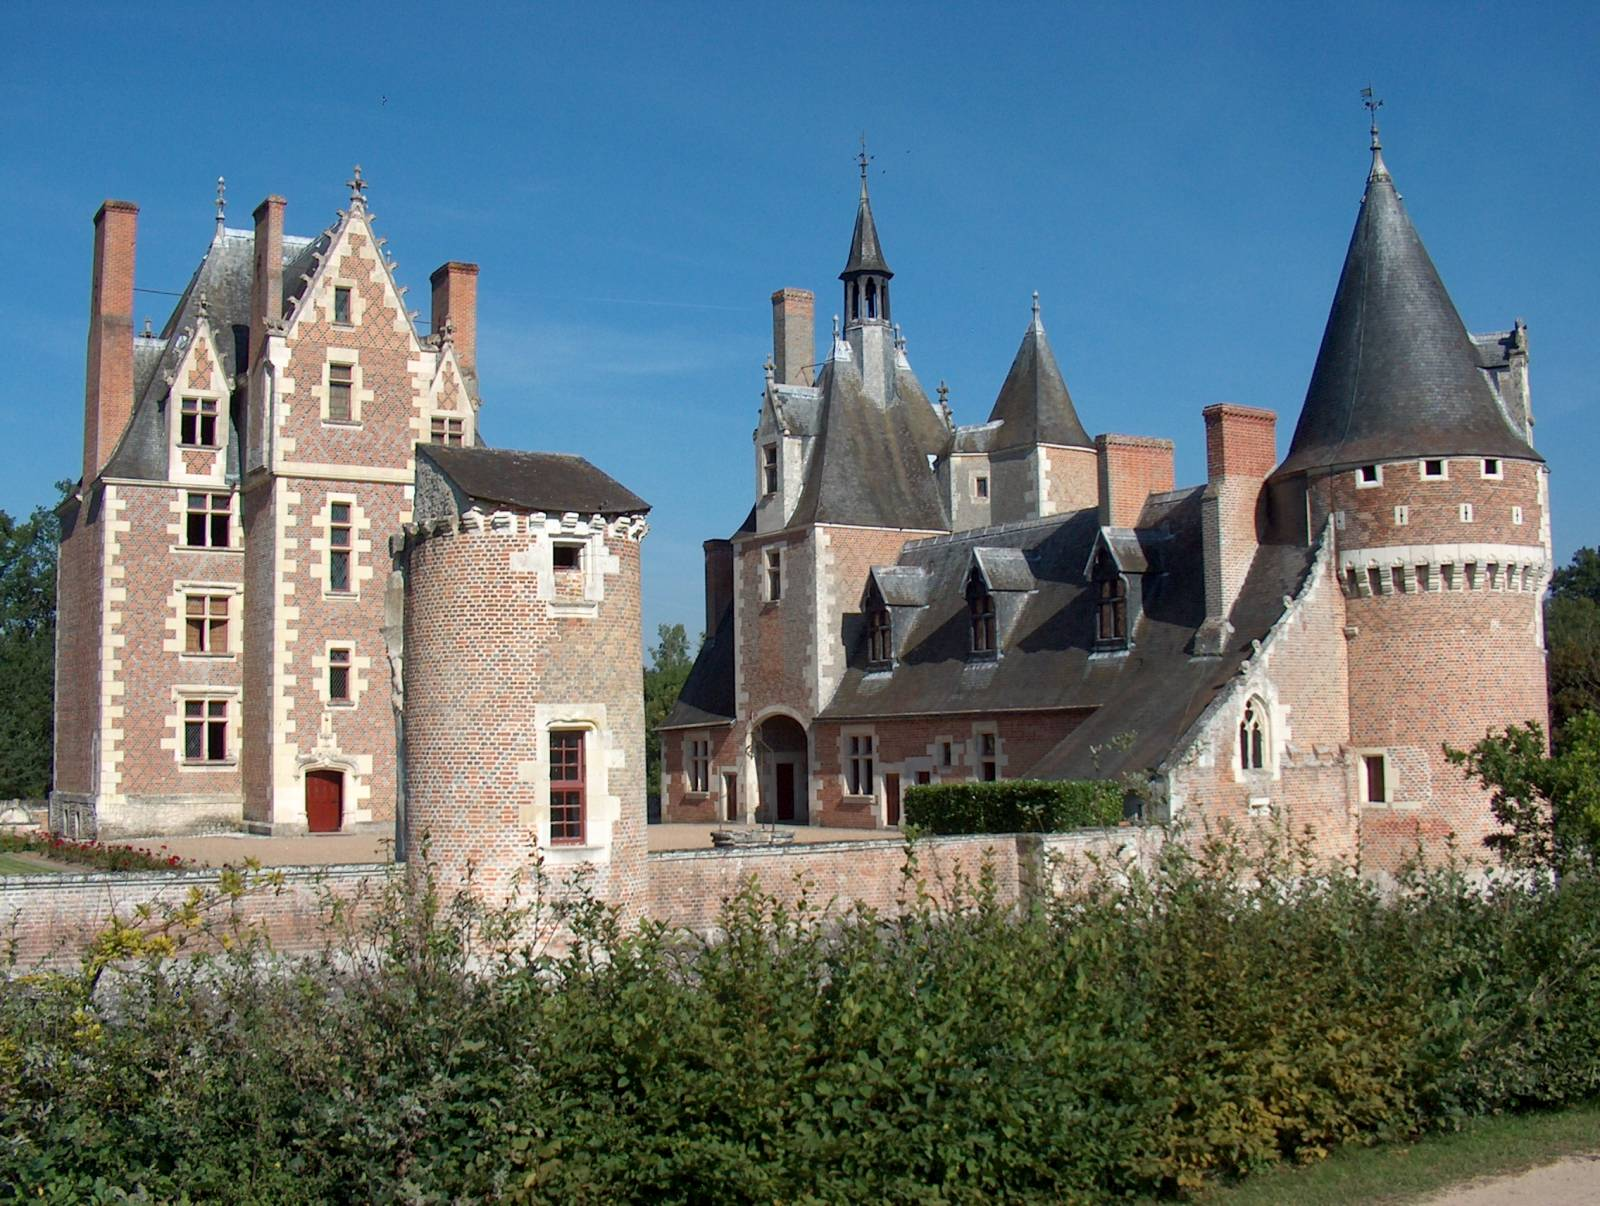 offre comité d'entrerpise vacance et loisirs en Pays de la Loire - offre comité d'entreprise magazine Influence!ce-3